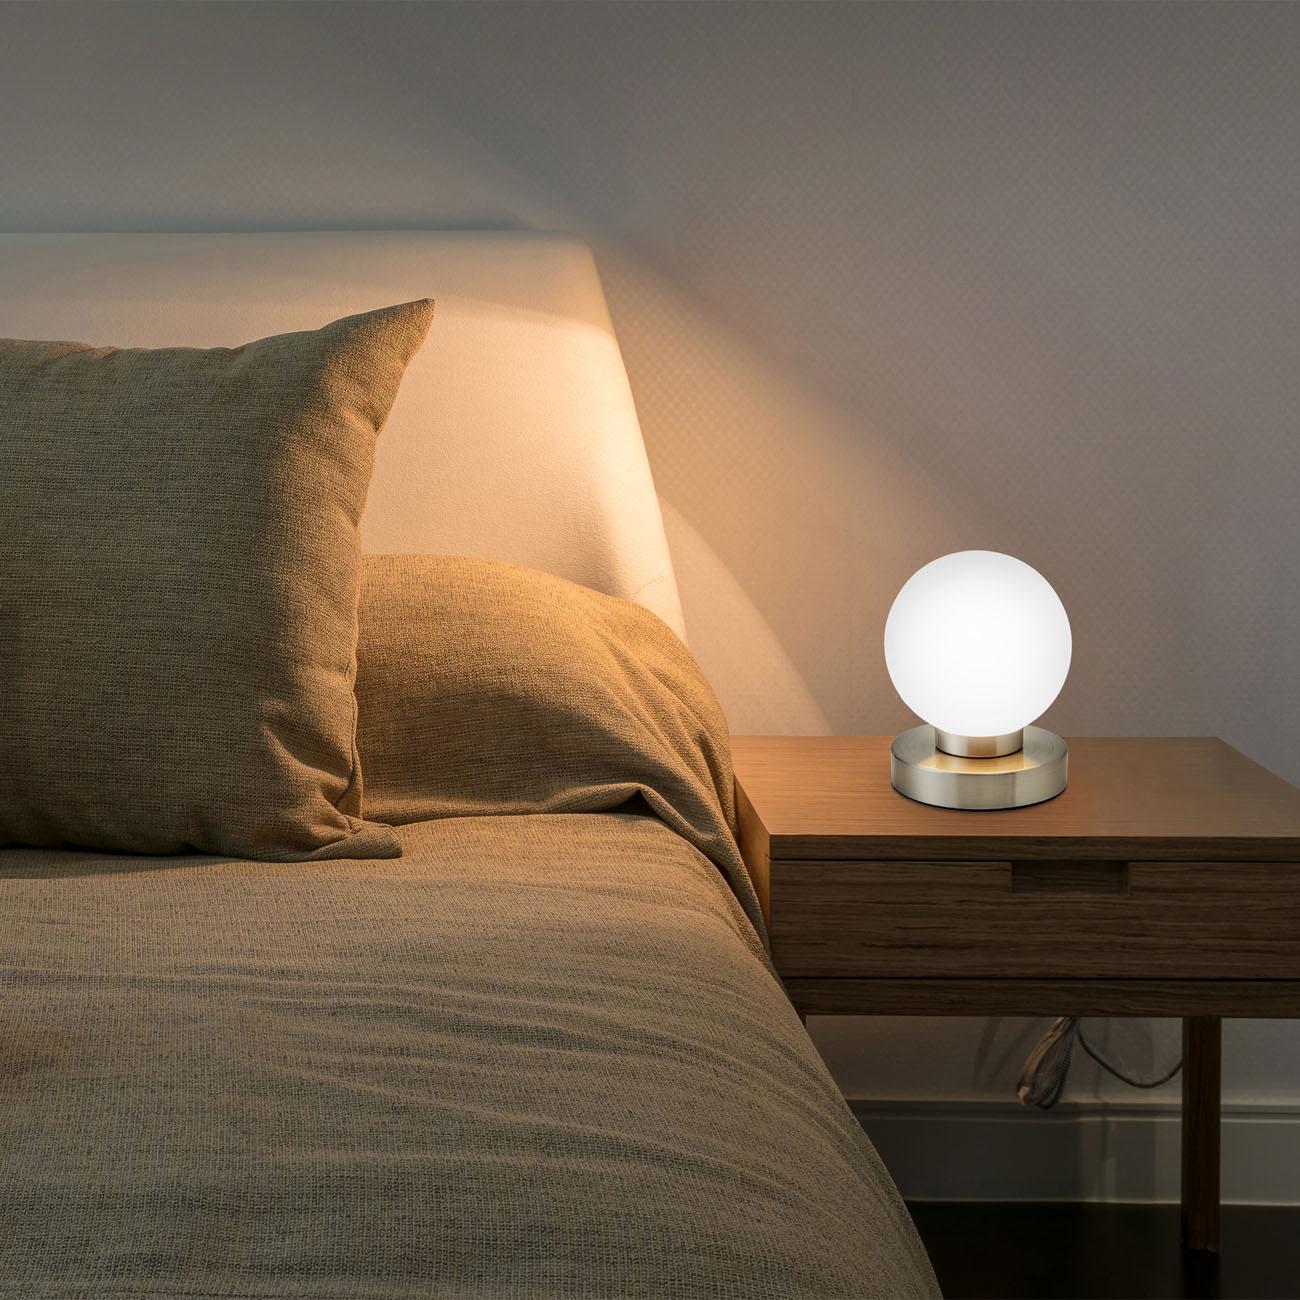 Nachttischlampe mit Touchdimmer Kugel - 2